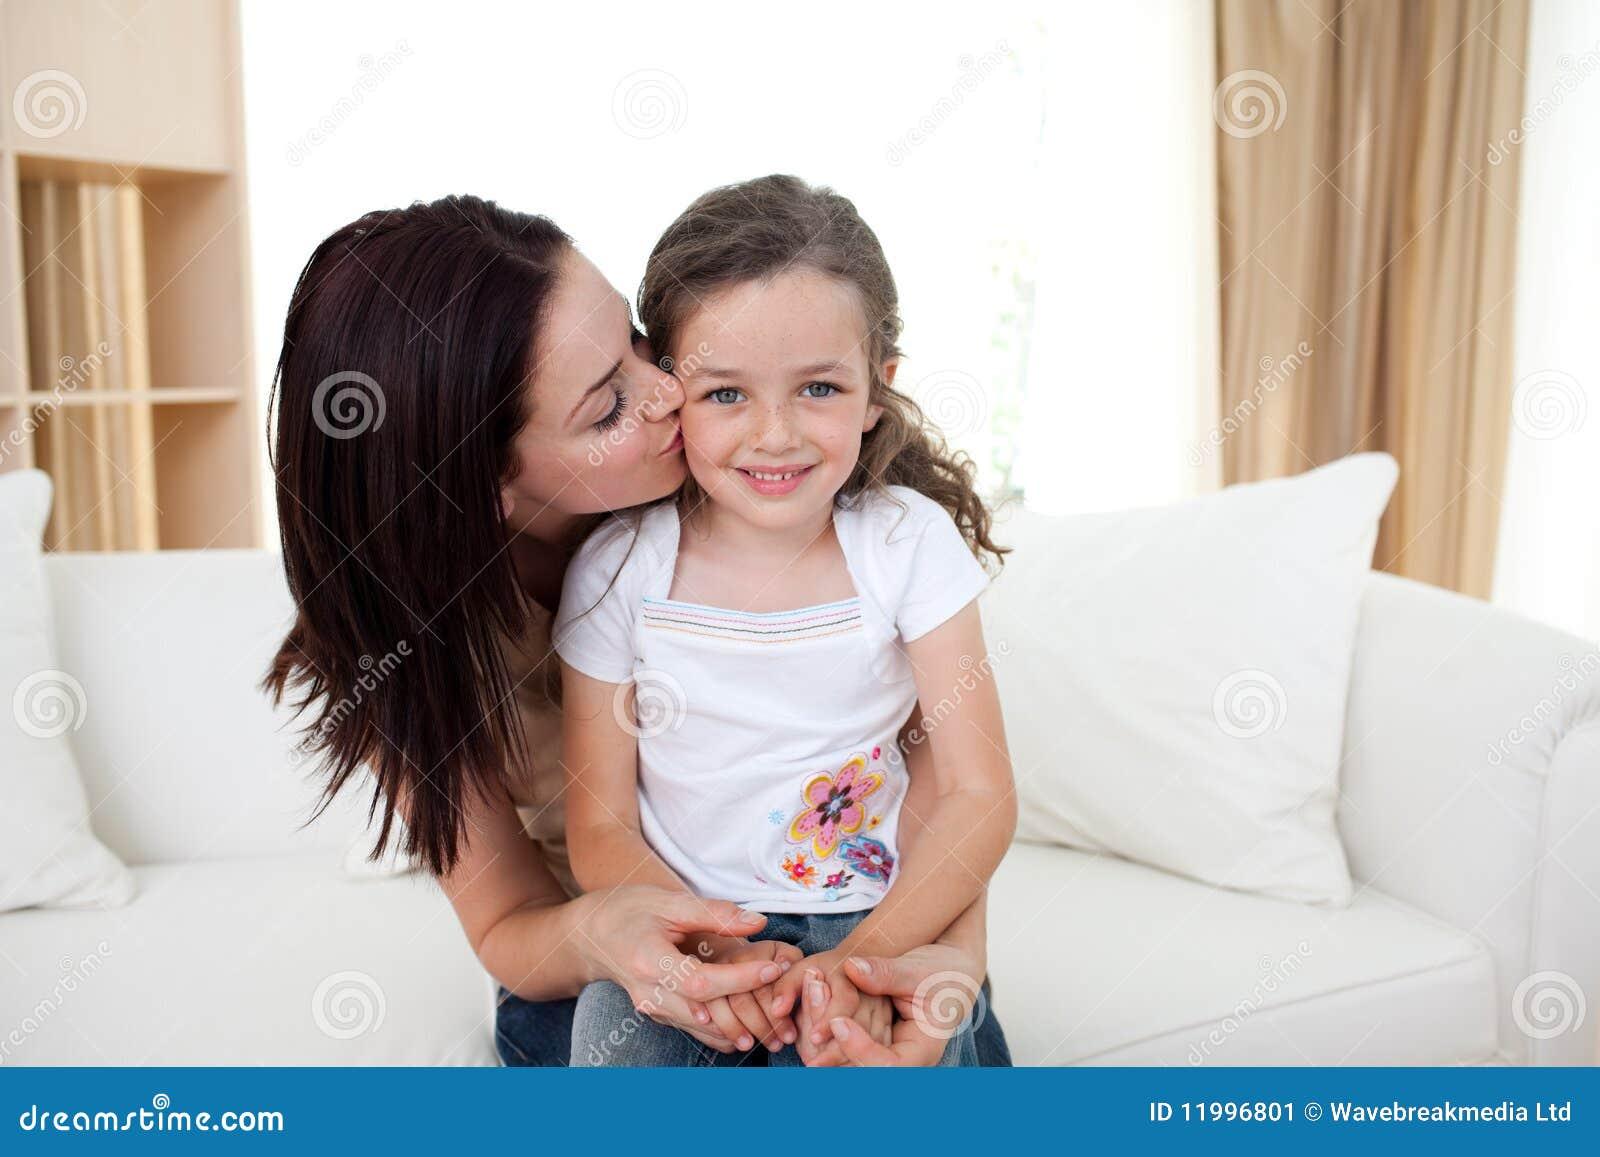 Трахнул старшую дочку, Отец трахнул дочь в красивом видео hd 720 22 фотография